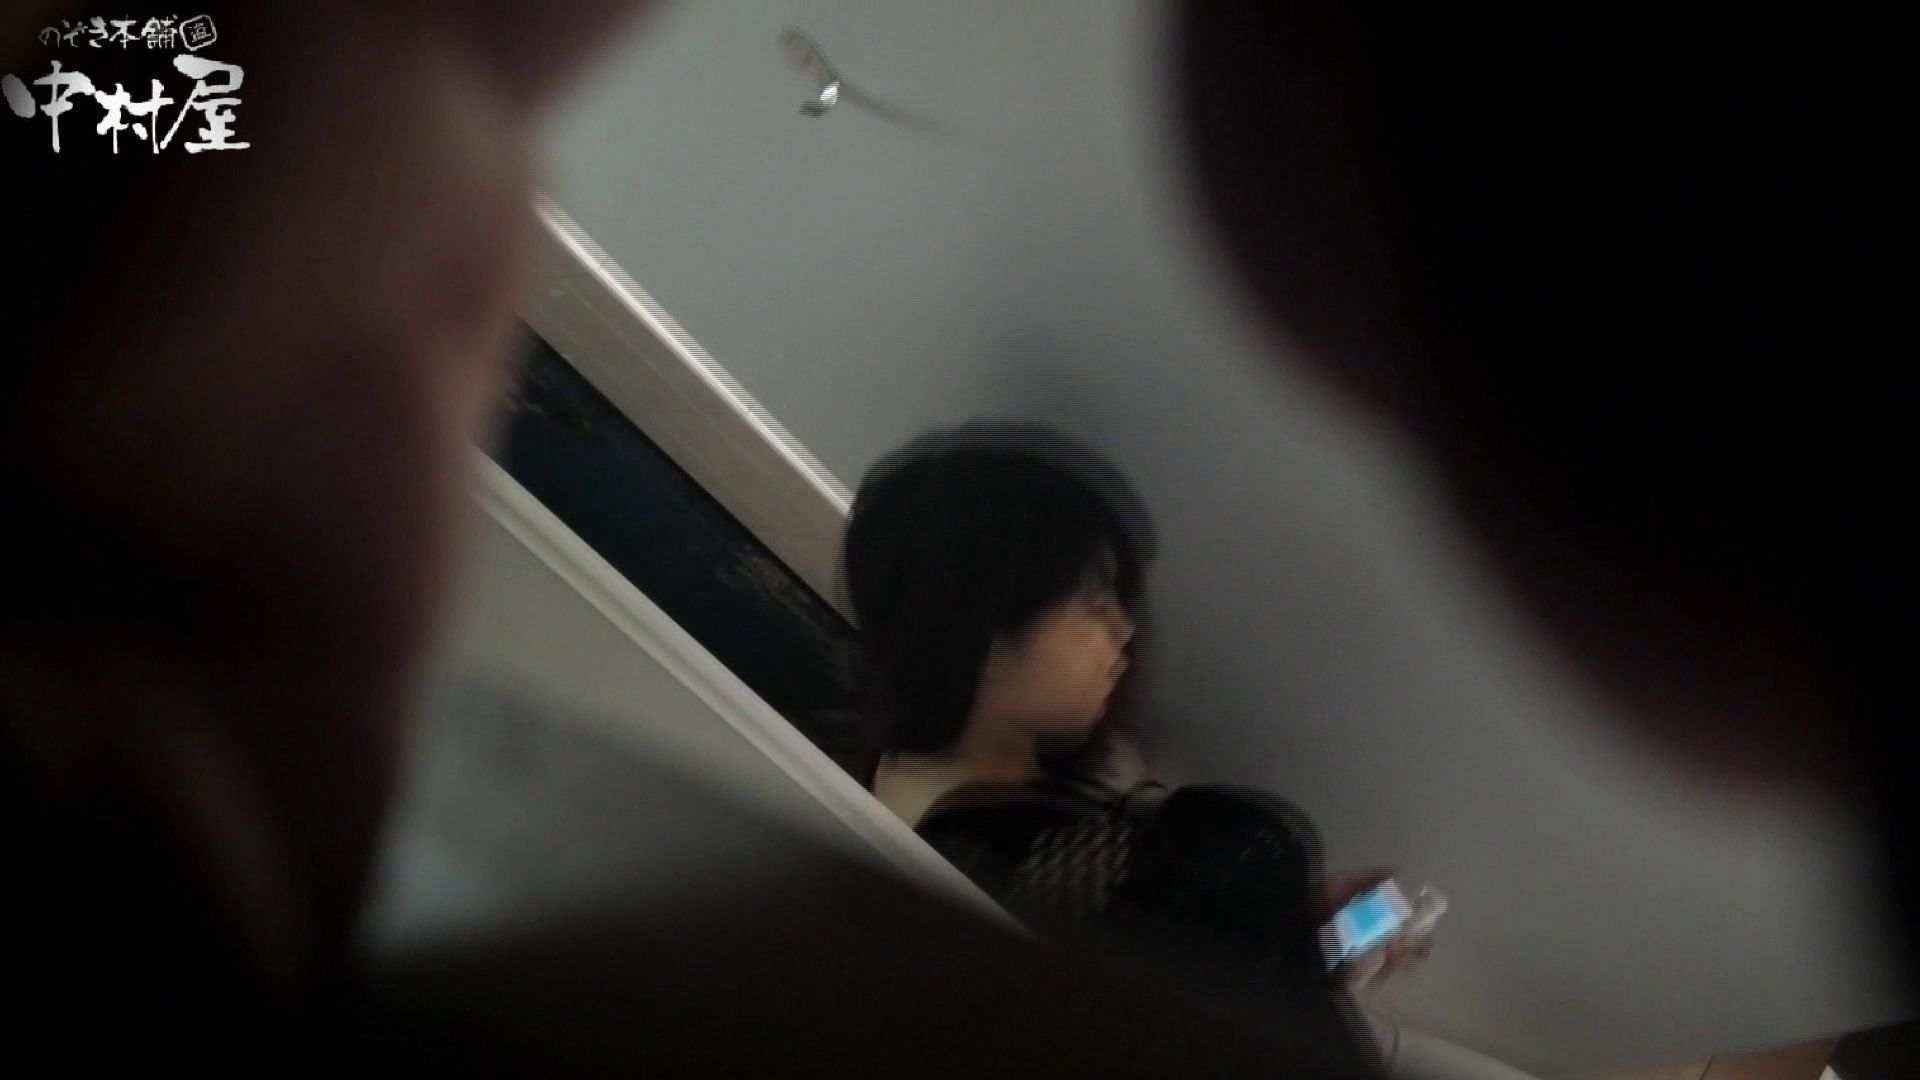 世界の射窓から~vol47 珍しい、毛からしたってくる聖水 OLエロ画像 | 0  113PICs 77